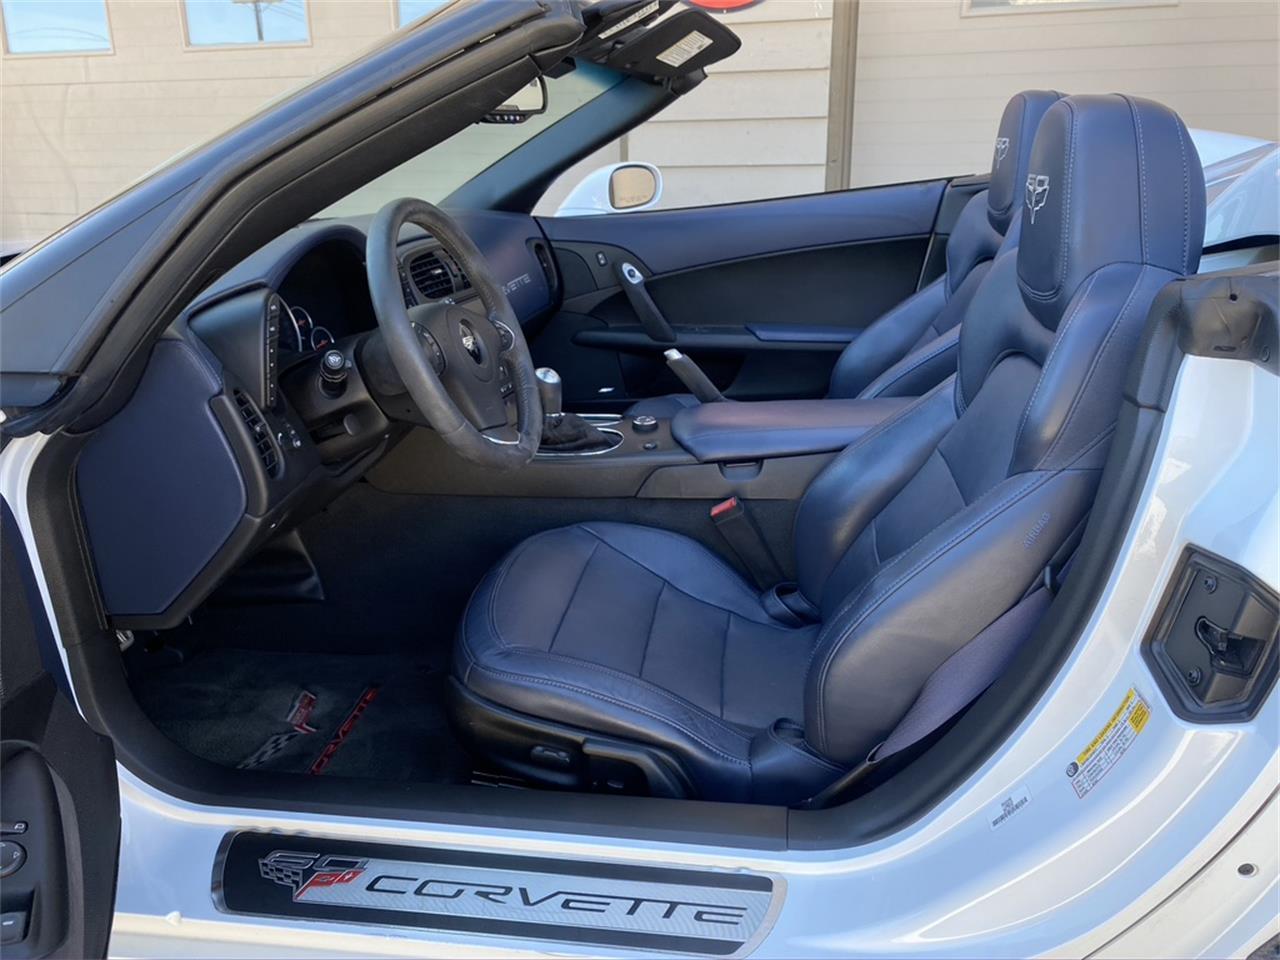 2013 Chevrolet Corvette (CC-1380425) for sale in Bend, Oregon